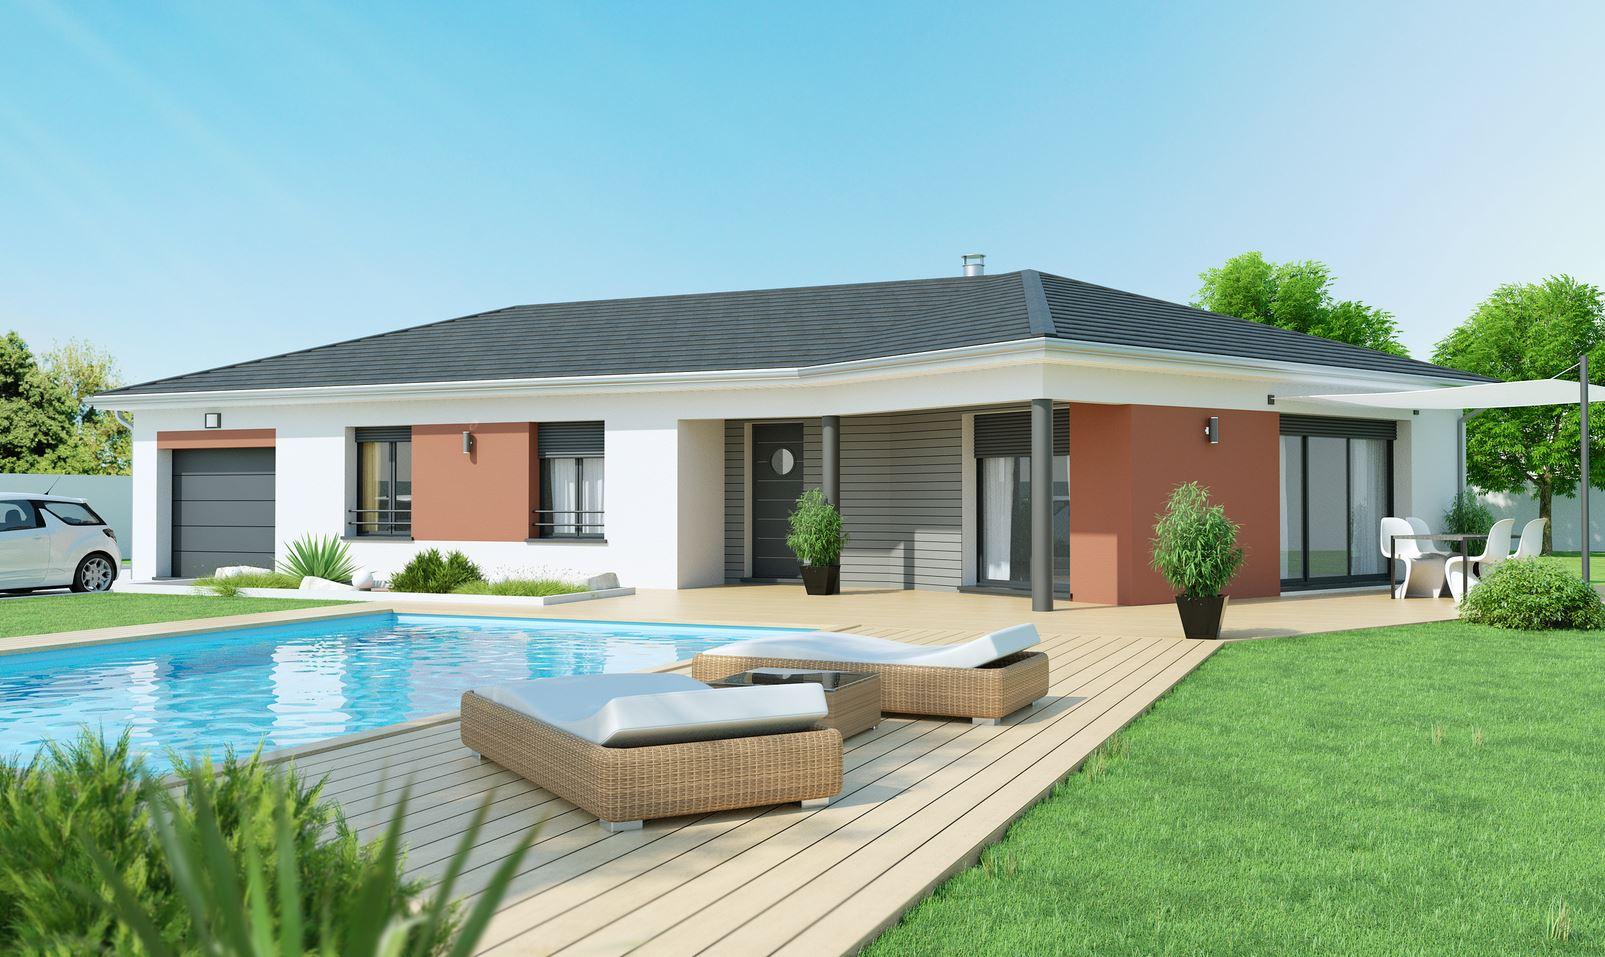 Maison collonges constructeur for Construction maison modele